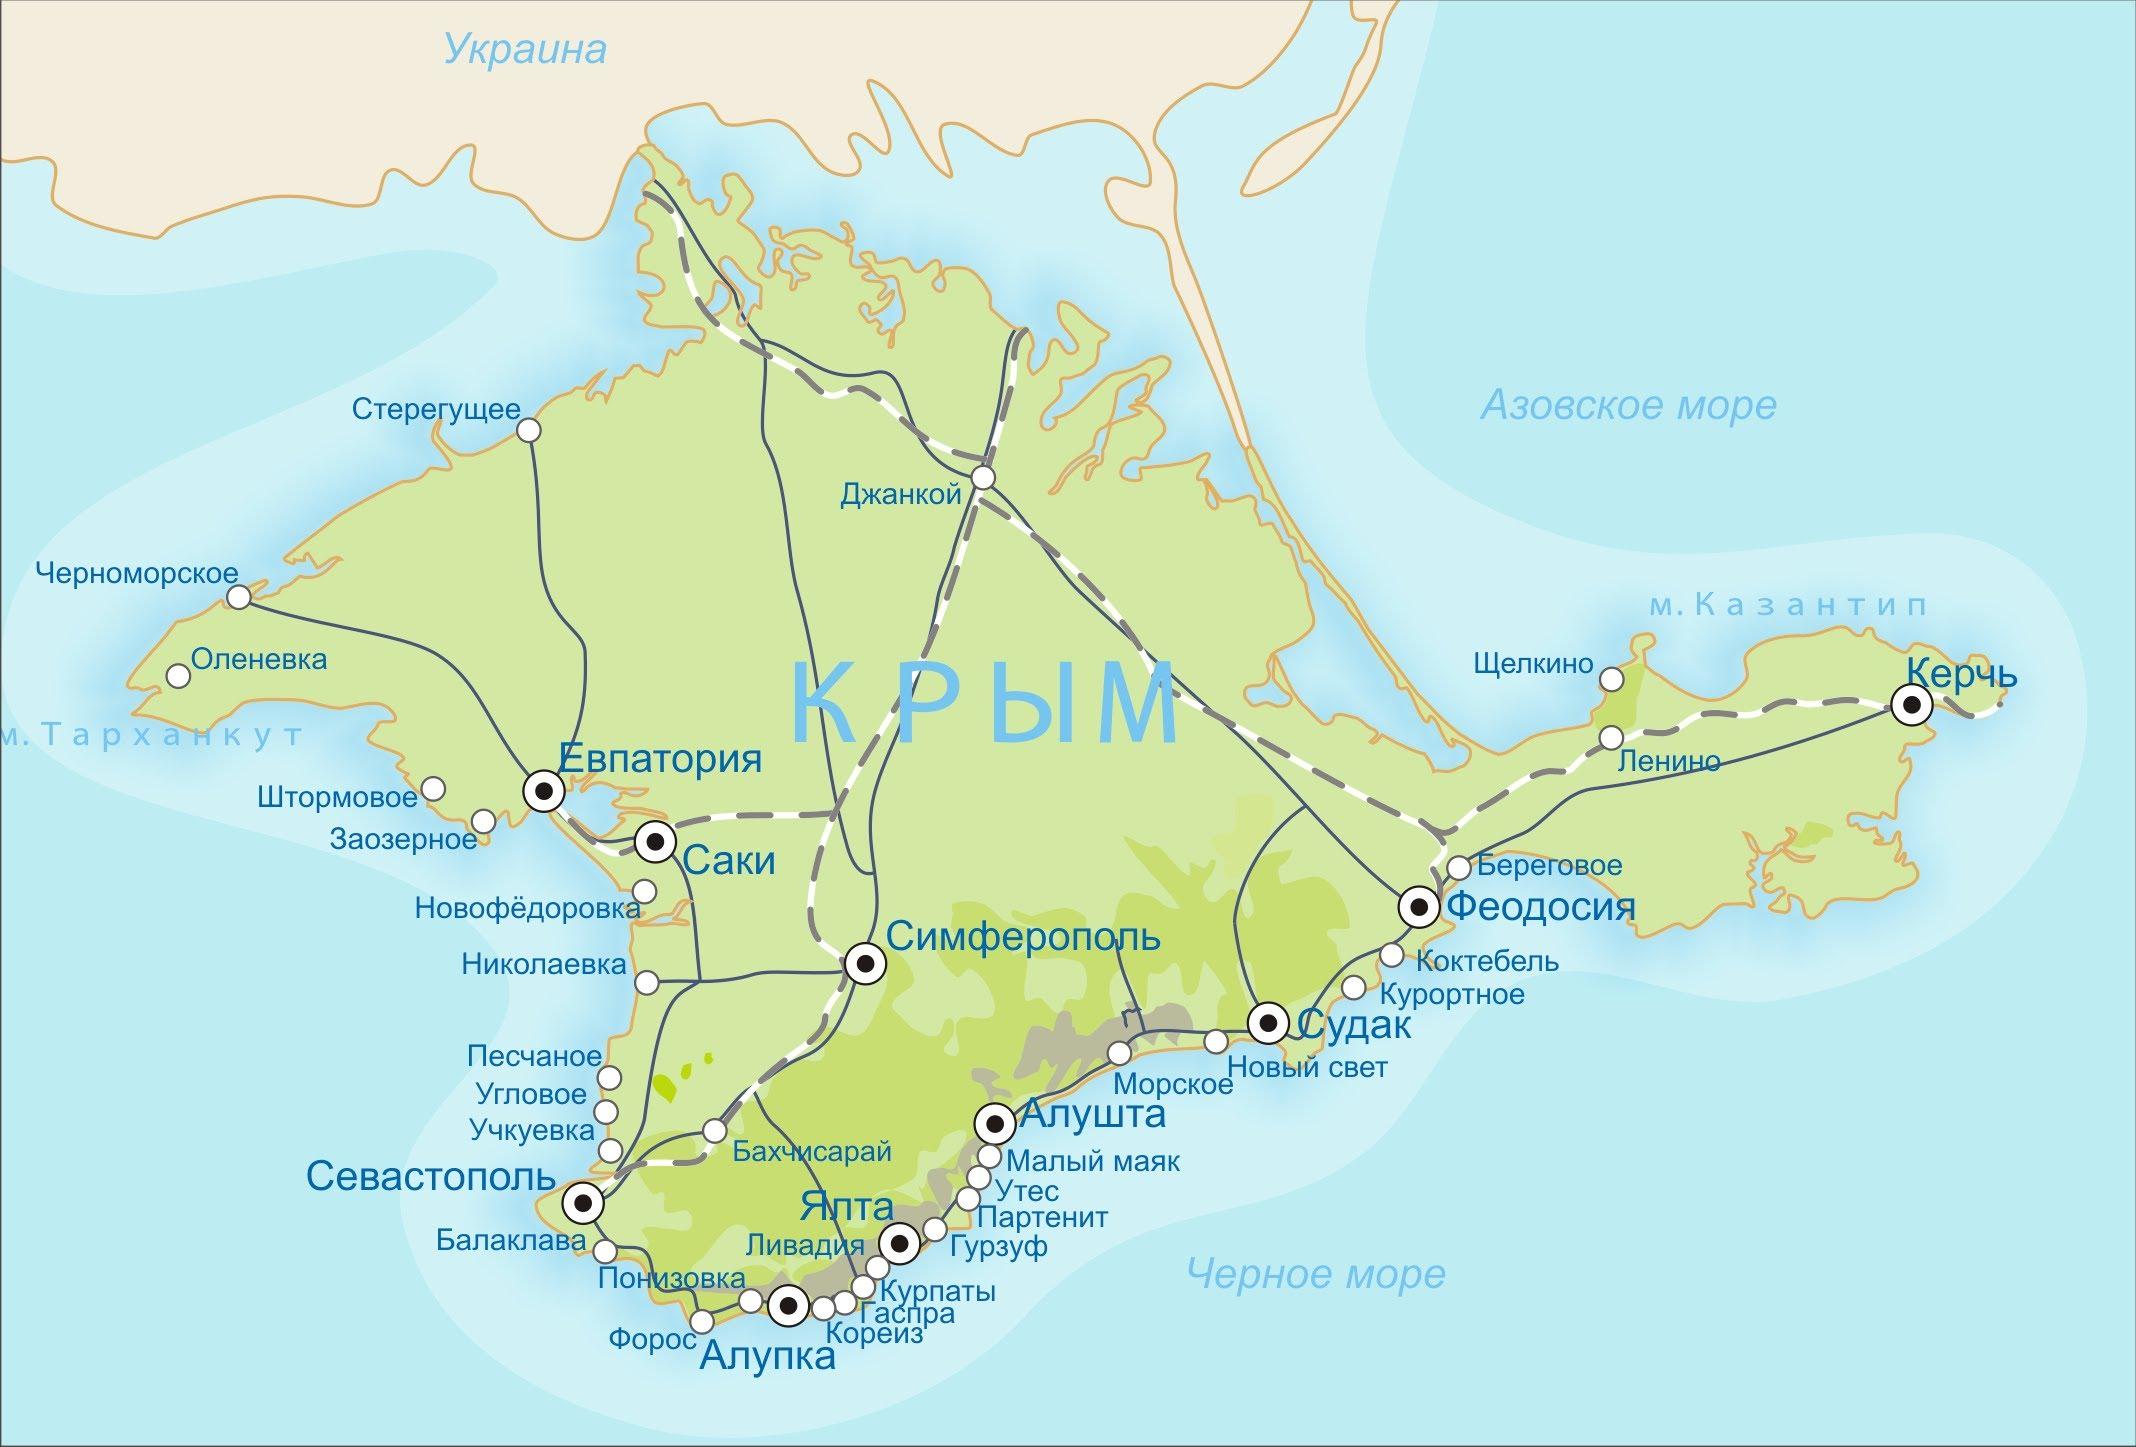 Карта крыма с поселками и городами